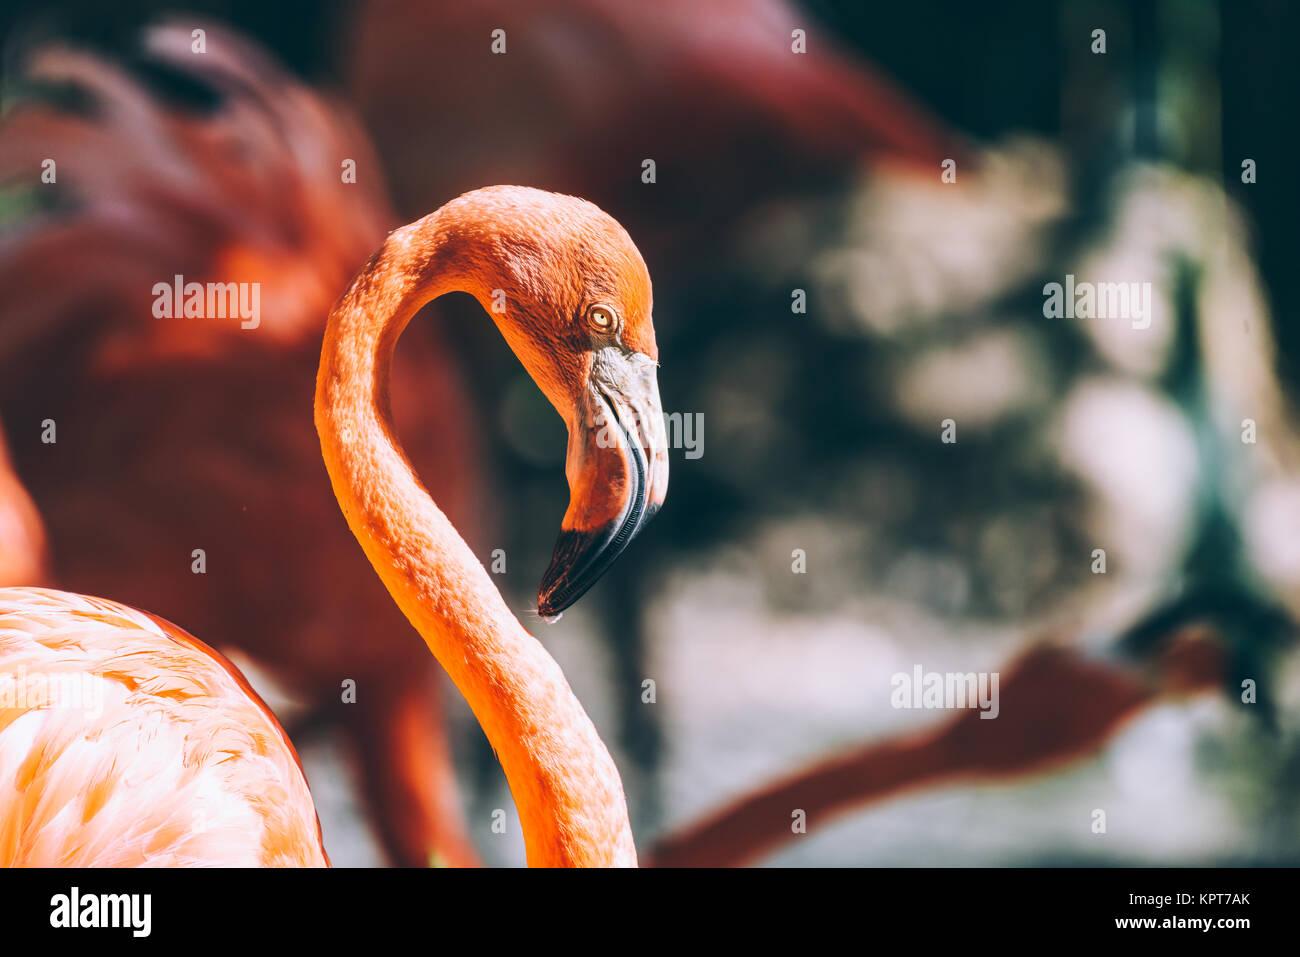 Pink Flamingo Bird Portrait In Wilderness - Stock Image